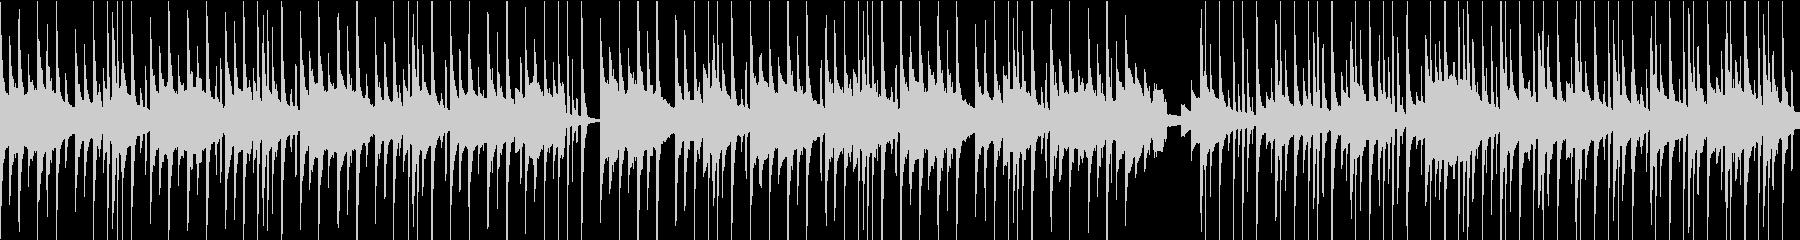 ベルの可愛いBGM(ループ)の未再生の波形